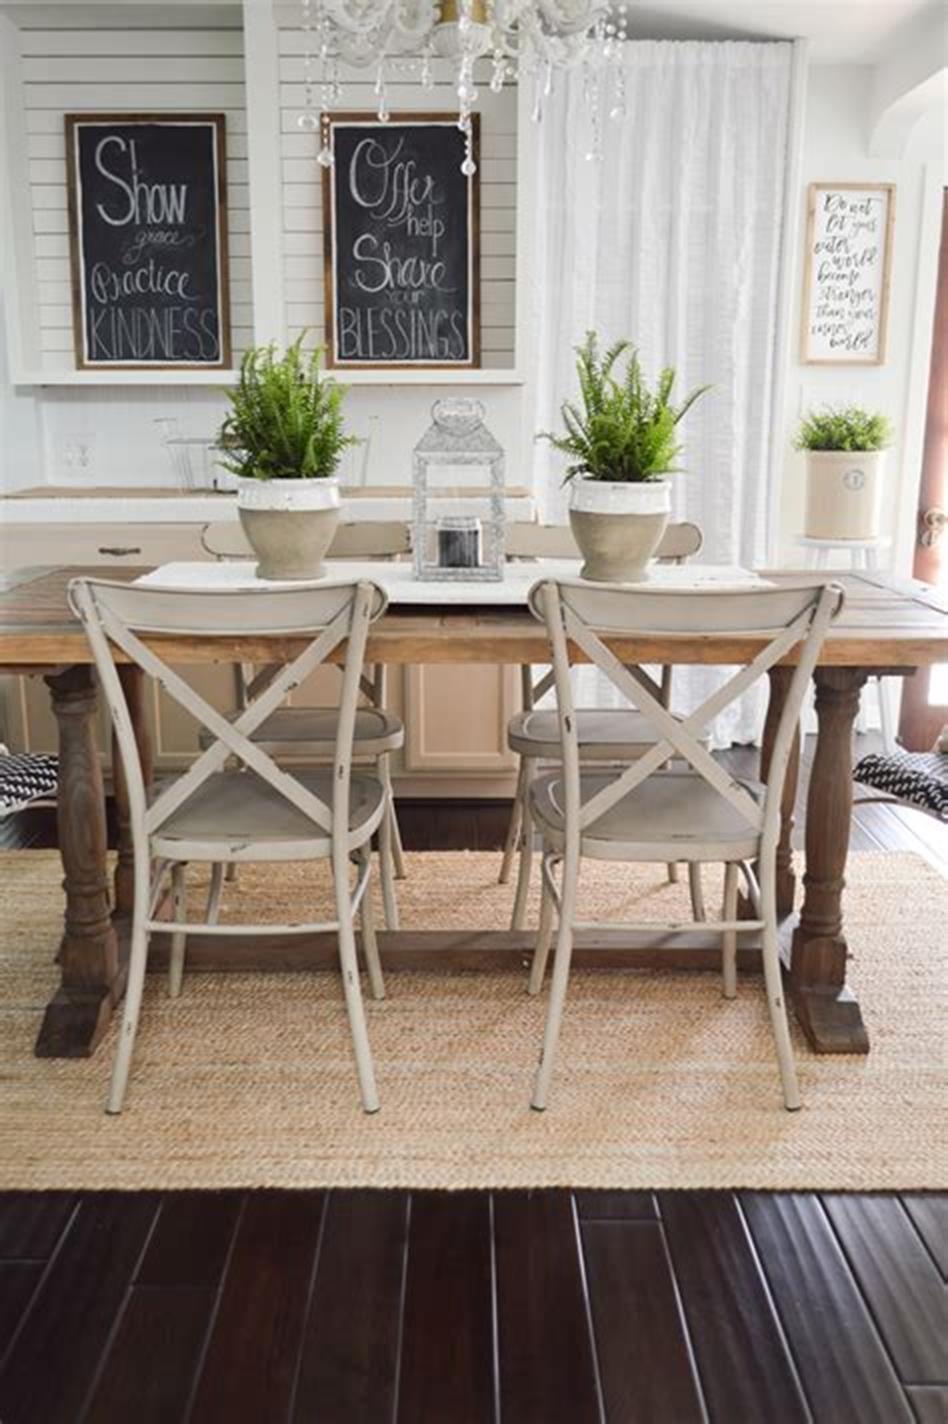 21 Gorgeous Farmhouse Style Furniture Set Ideas For 2020 Farmhousestyle Farmhouse Dining Room Table Farmhouse Style Furniture Interior Decorating Living Room